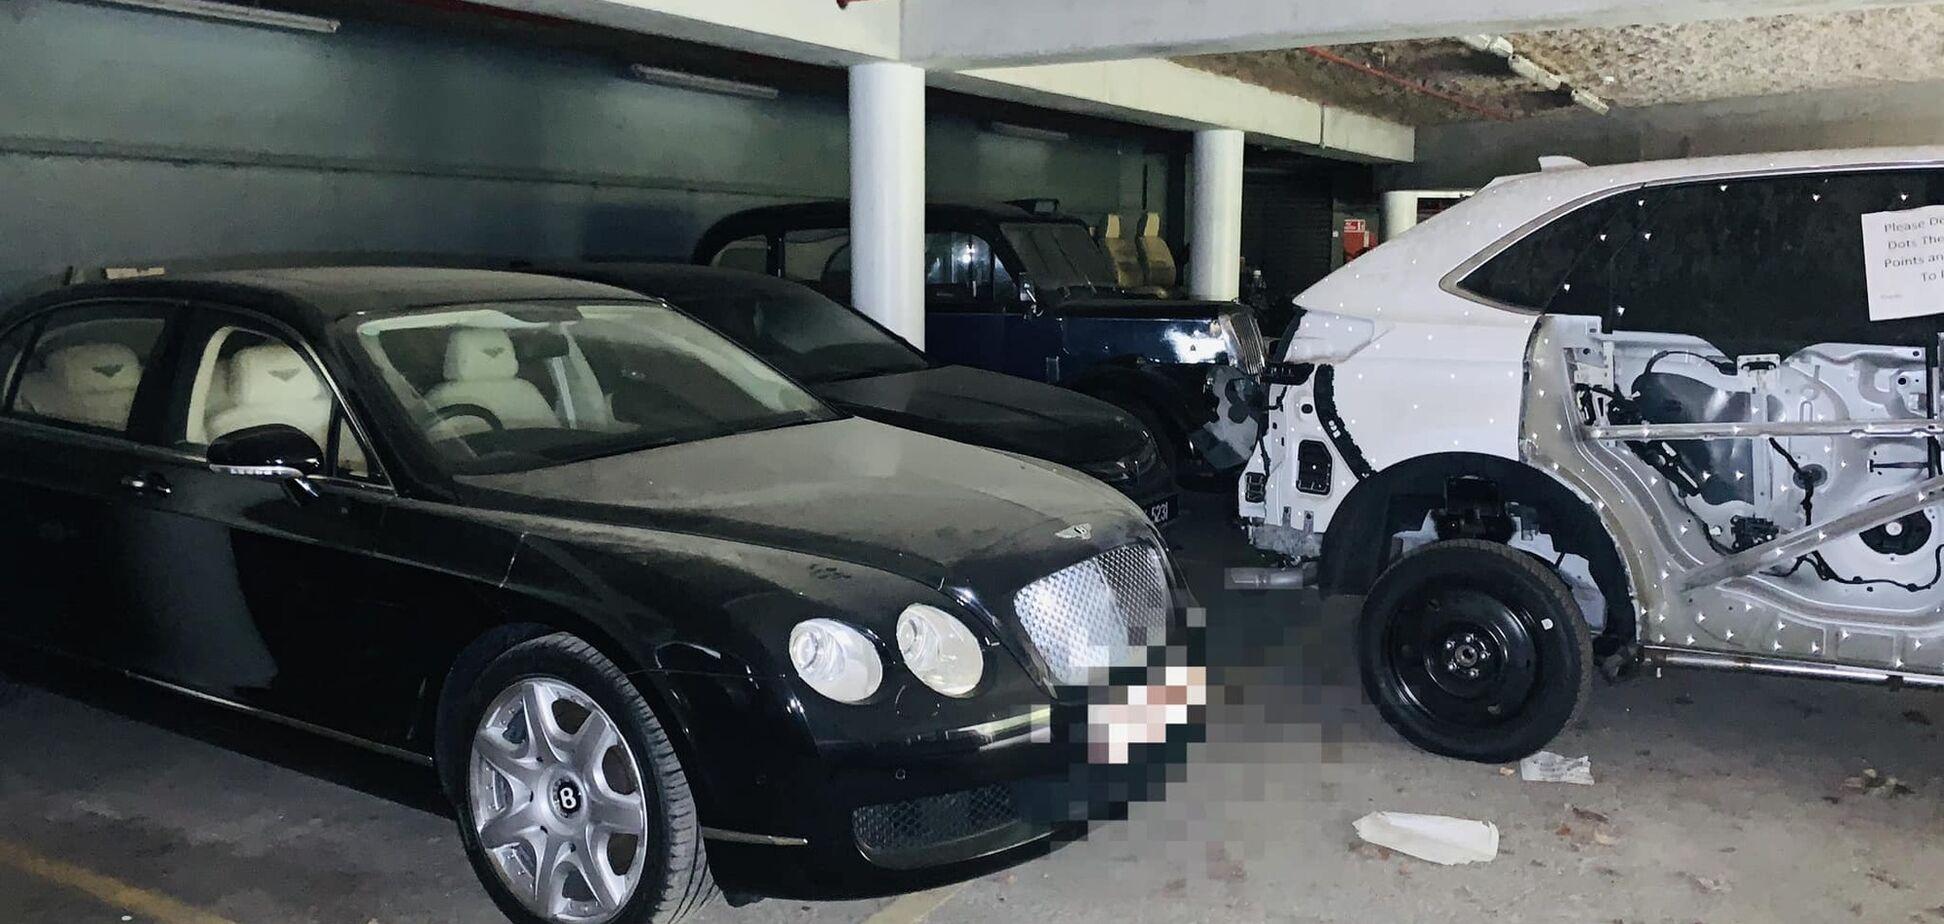 На заброшенном заводе нашли Bentley и еще несколько авто